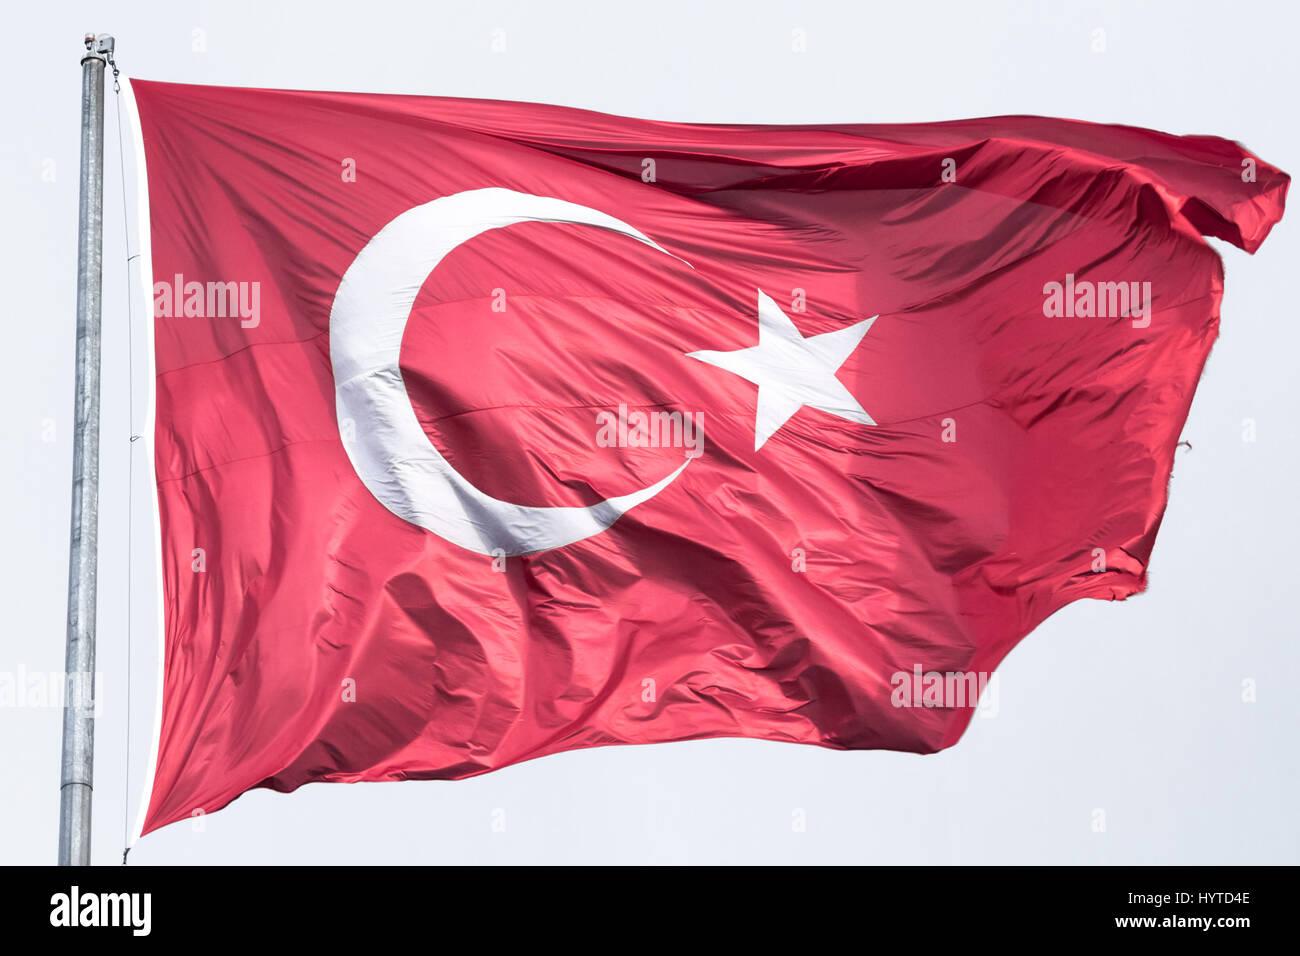 Drapeau turc flottant dans l'air Photo du drapeau turc hissé dans un environnement venteux Photo Stock